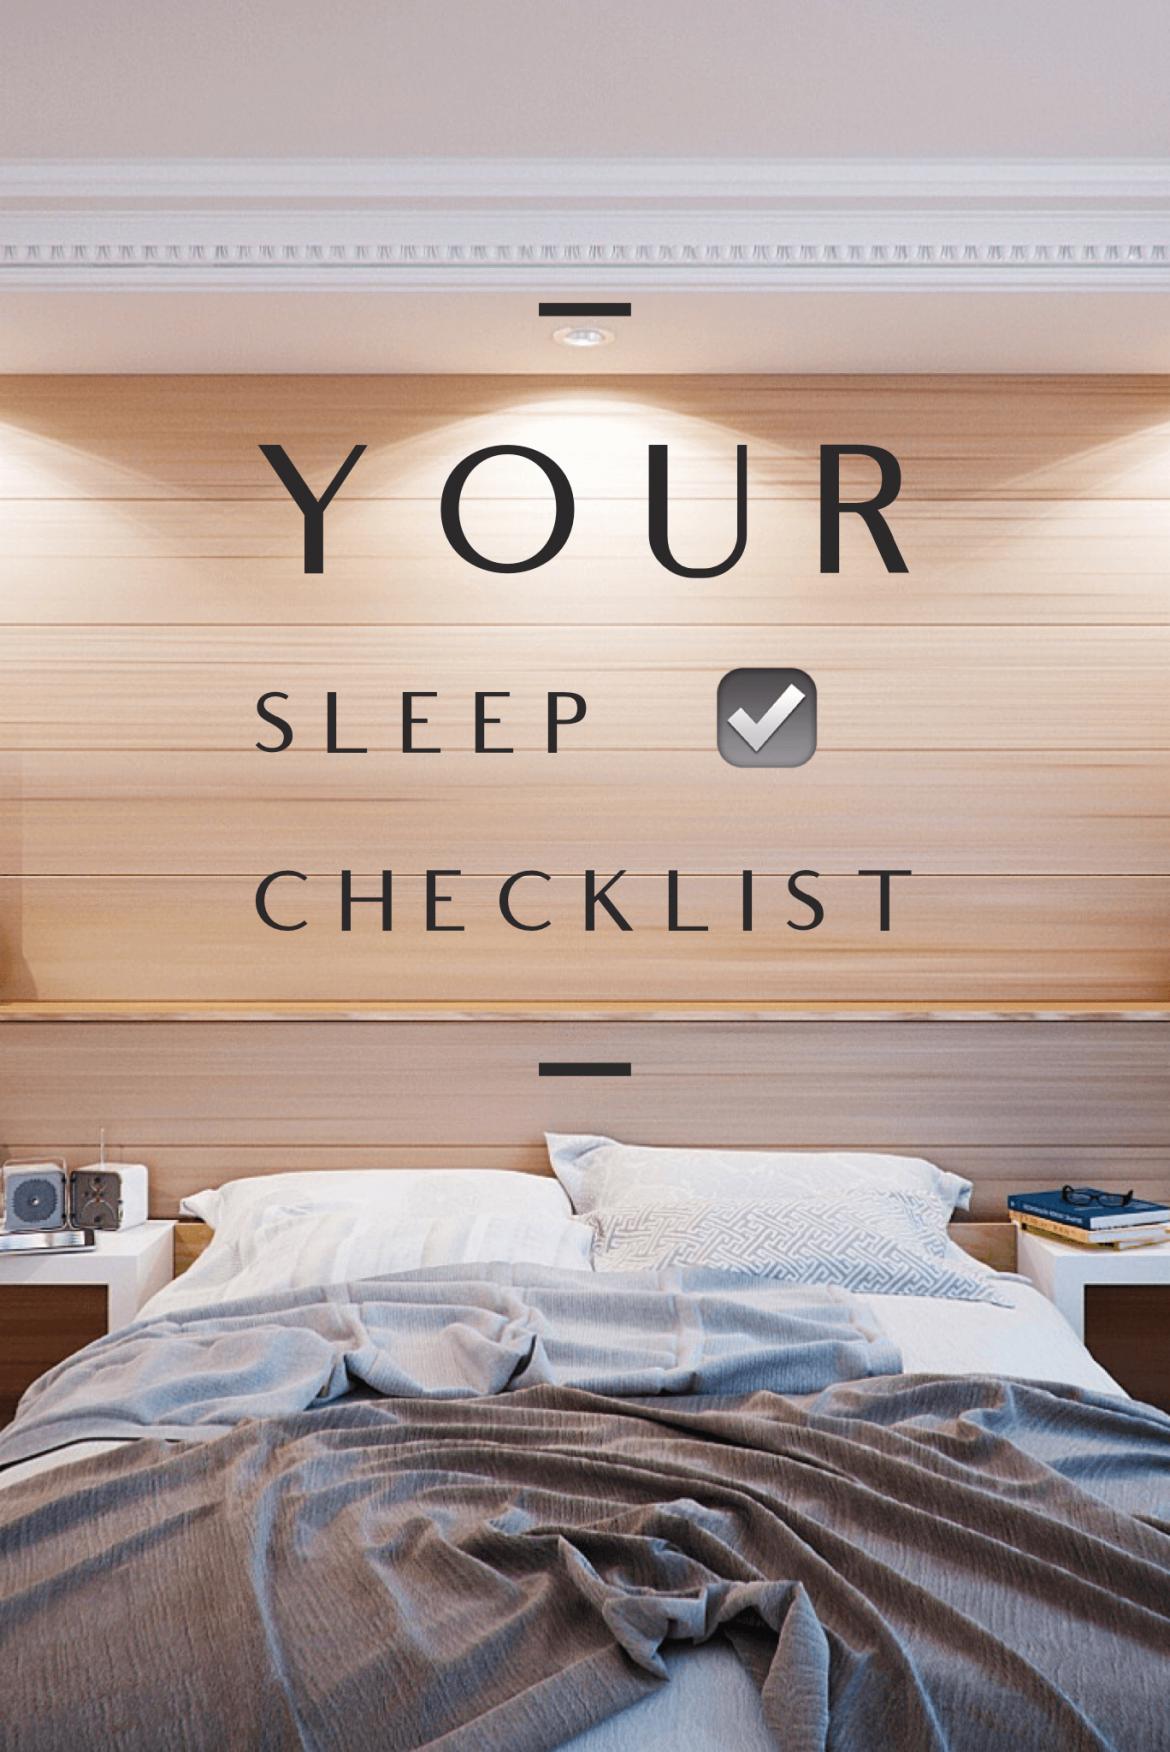 Your Sleep Checklist